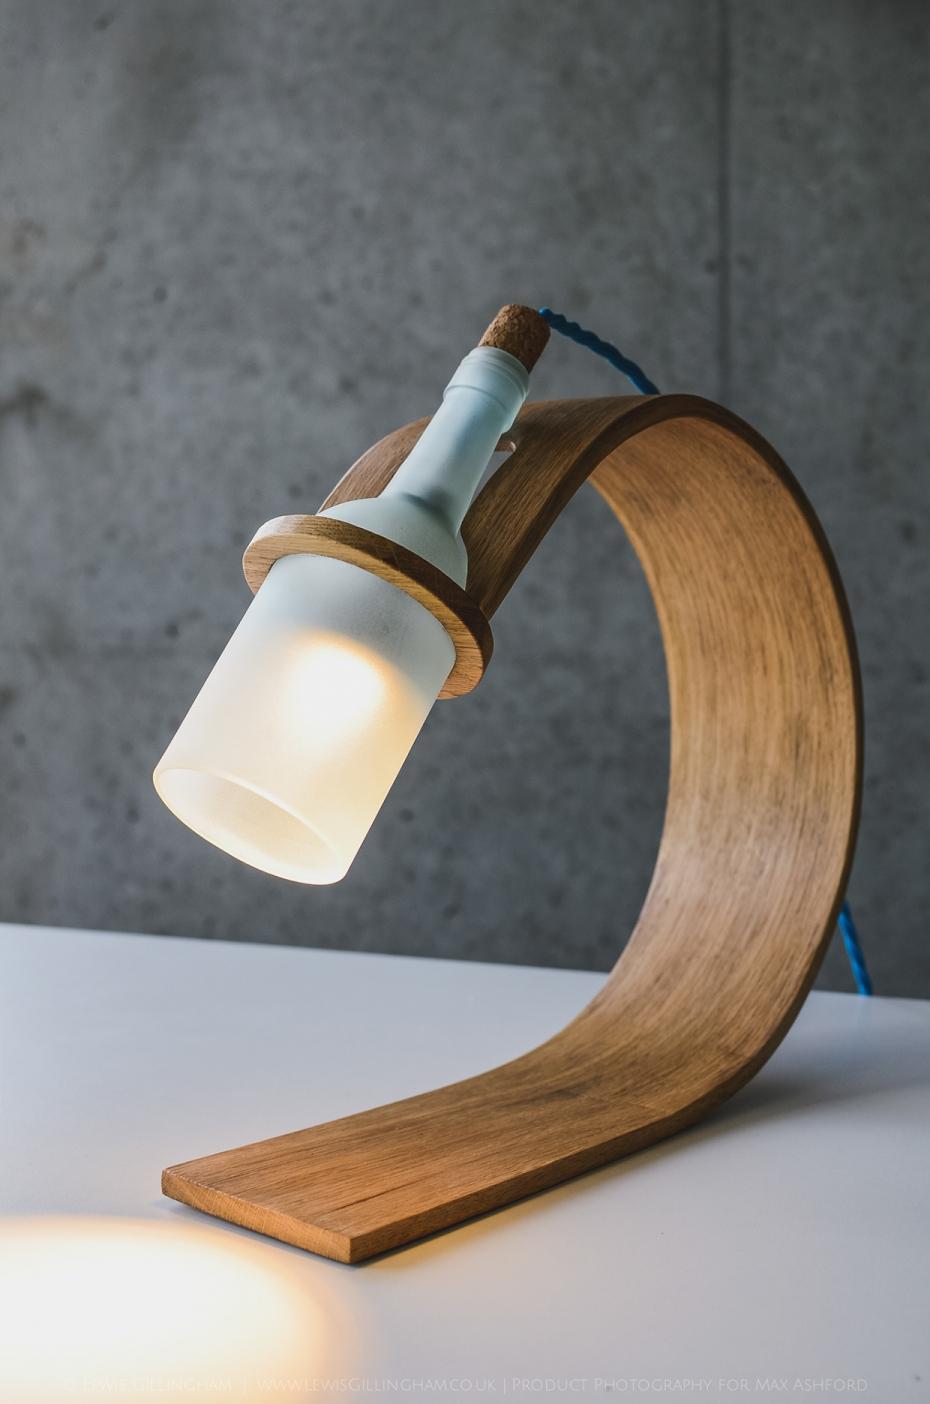 Lampka Quercus - butelka od wina i drewno - 2